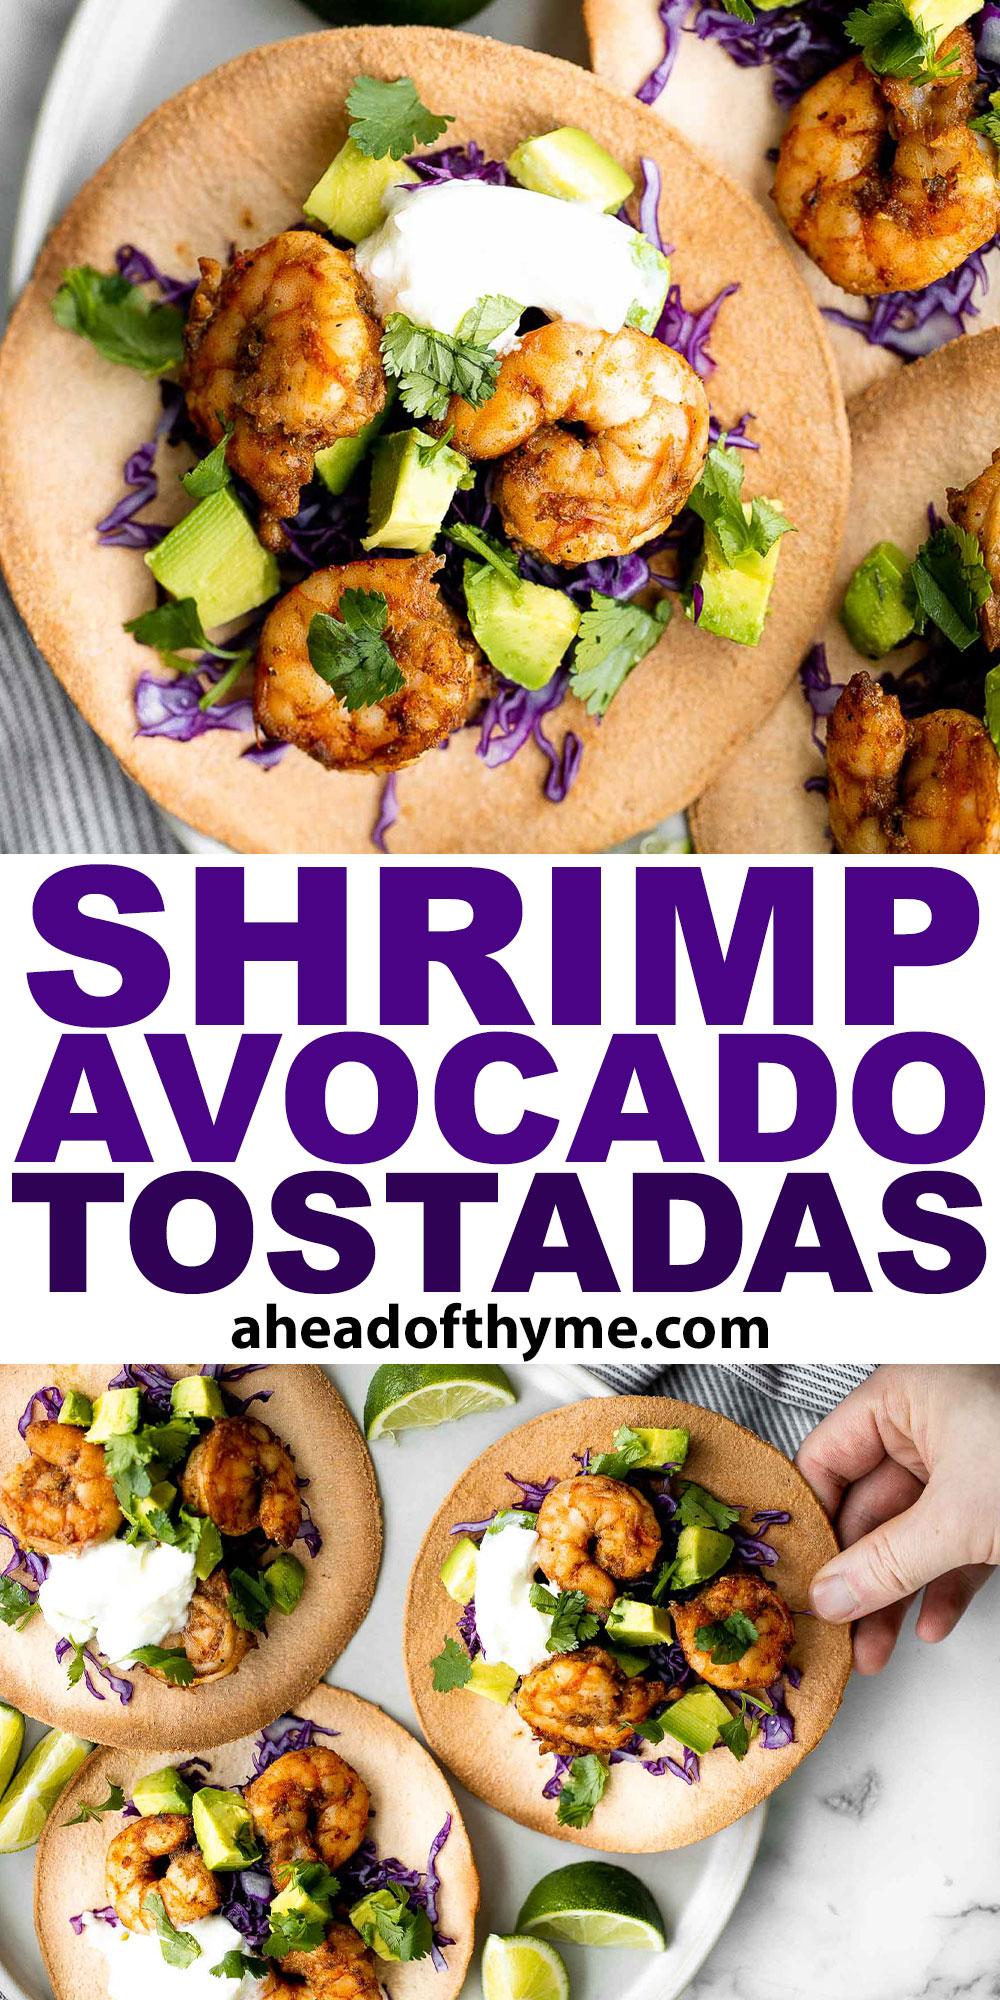 Shrimp Avocado Tostadas